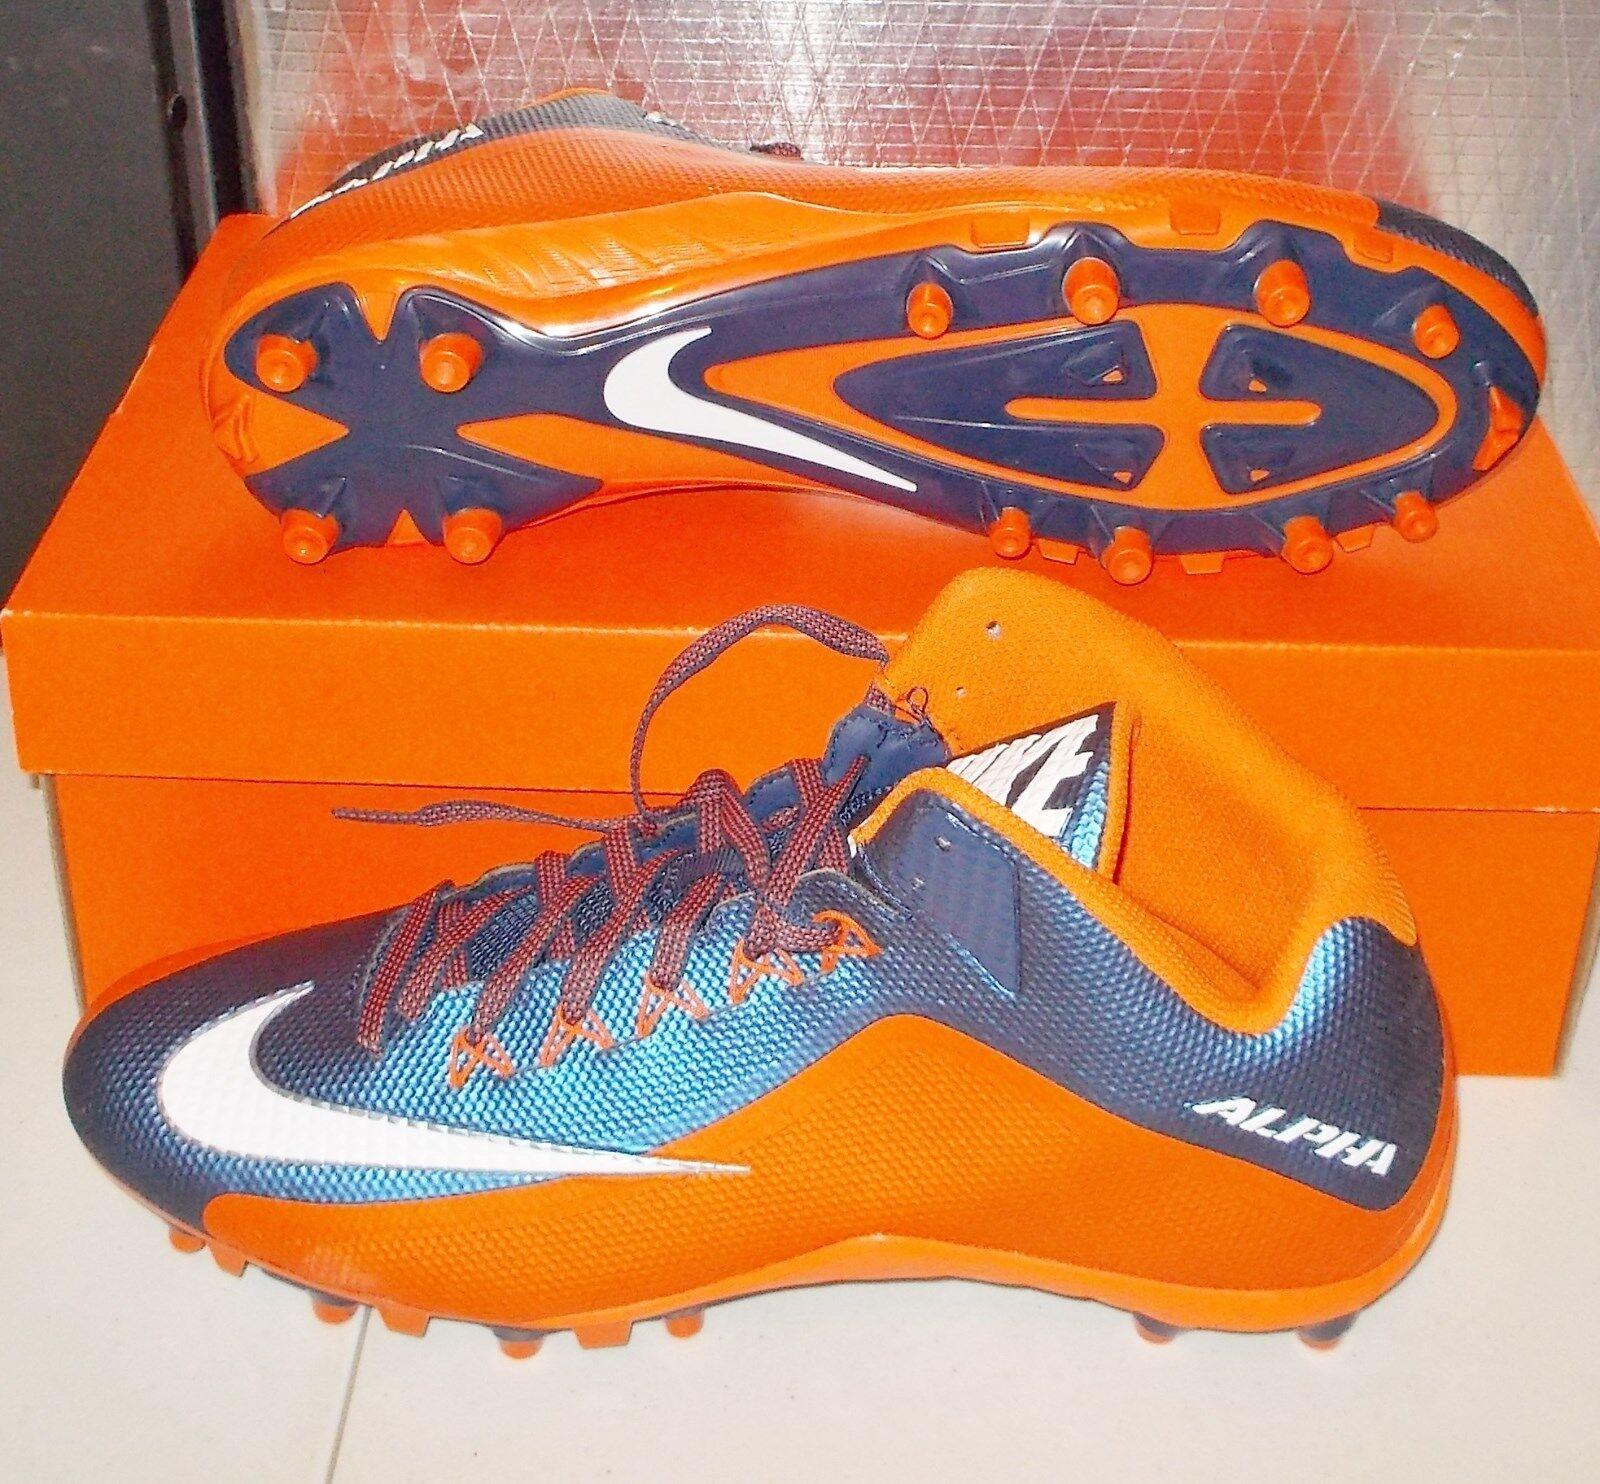 NIKE ALPHA PRO 2 3/4 TD PF Football Cleats NikeSkin MENS 729444 406 NEW